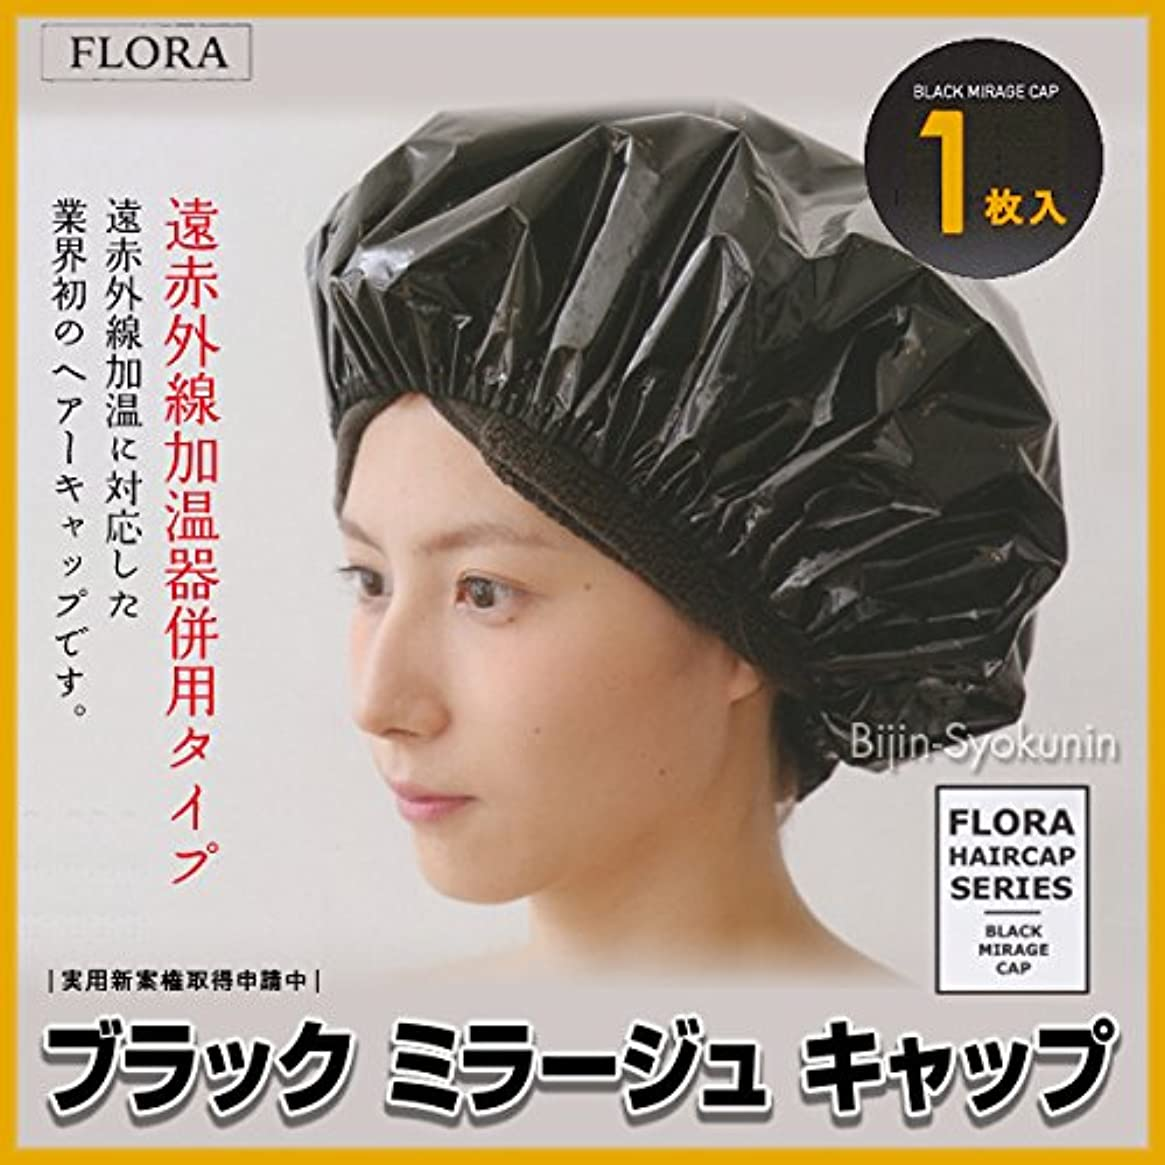 毒性靴下元気なブラック ミラージュ キャップ BLACK MIRAGE CAP【1枚入り】